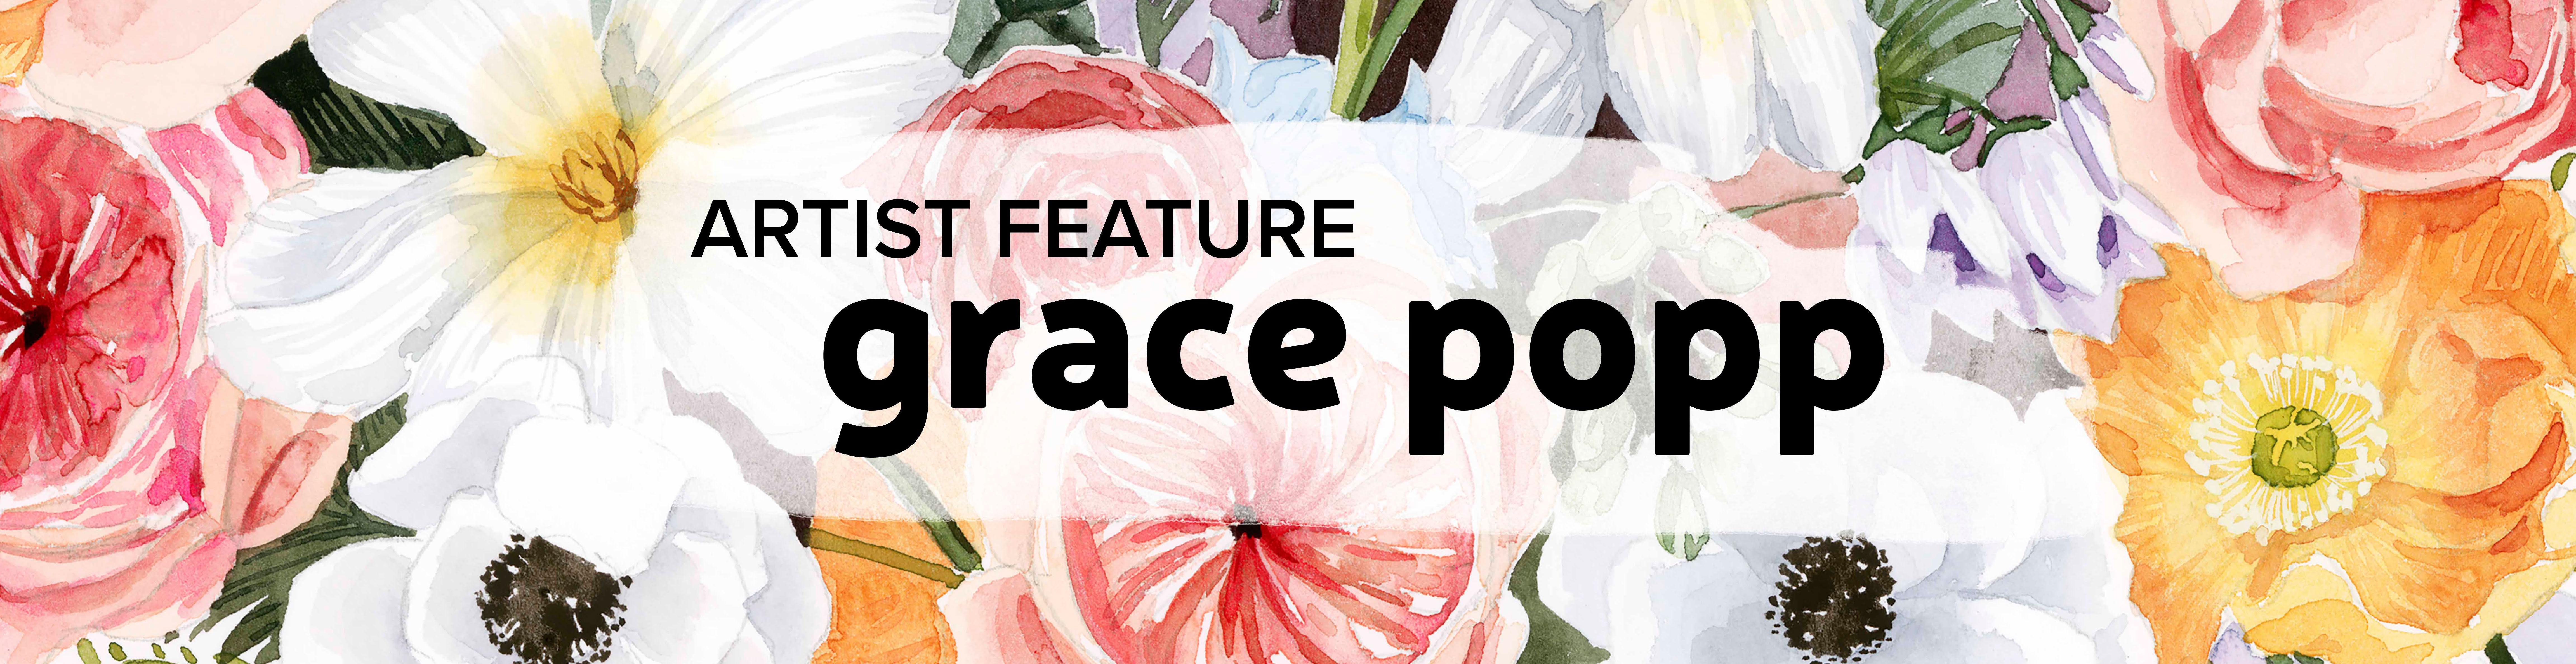 Victoria Barnes nee Victoria Borges Artist Feature.